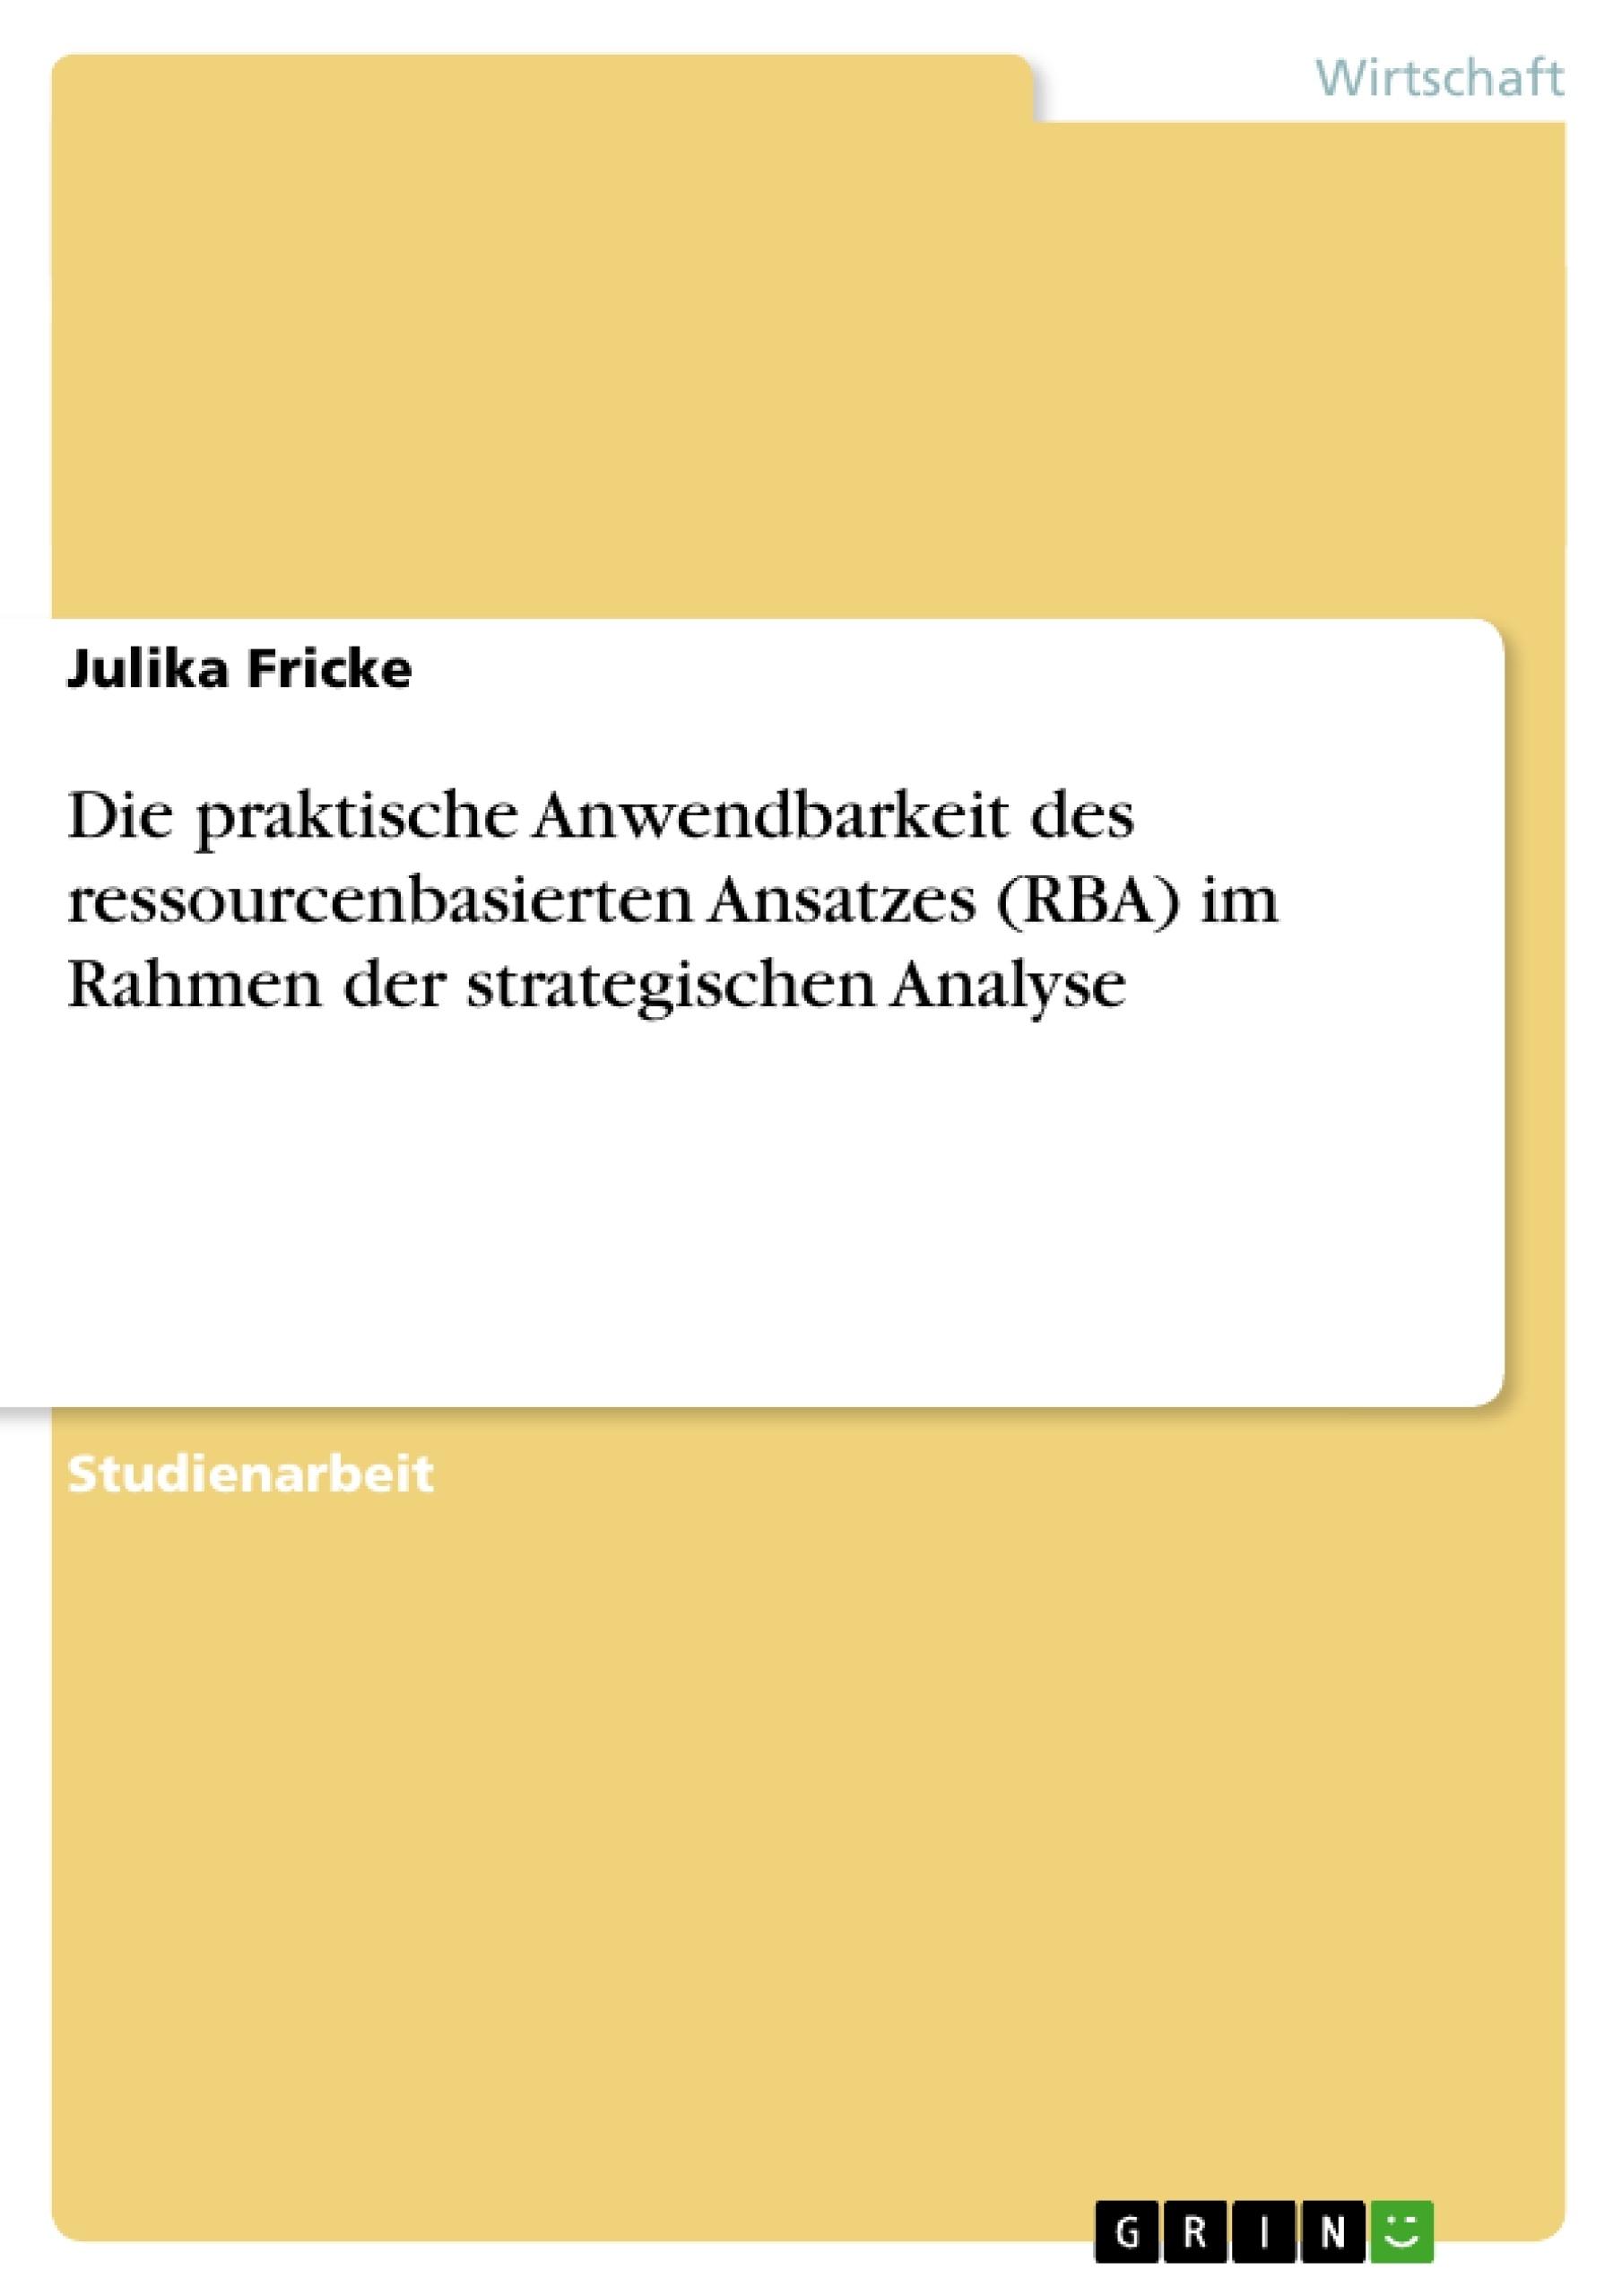 Titel: Die praktische Anwendbarkeit des ressourcenbasierten Ansatzes (RBA) im Rahmen der strategischen Analyse